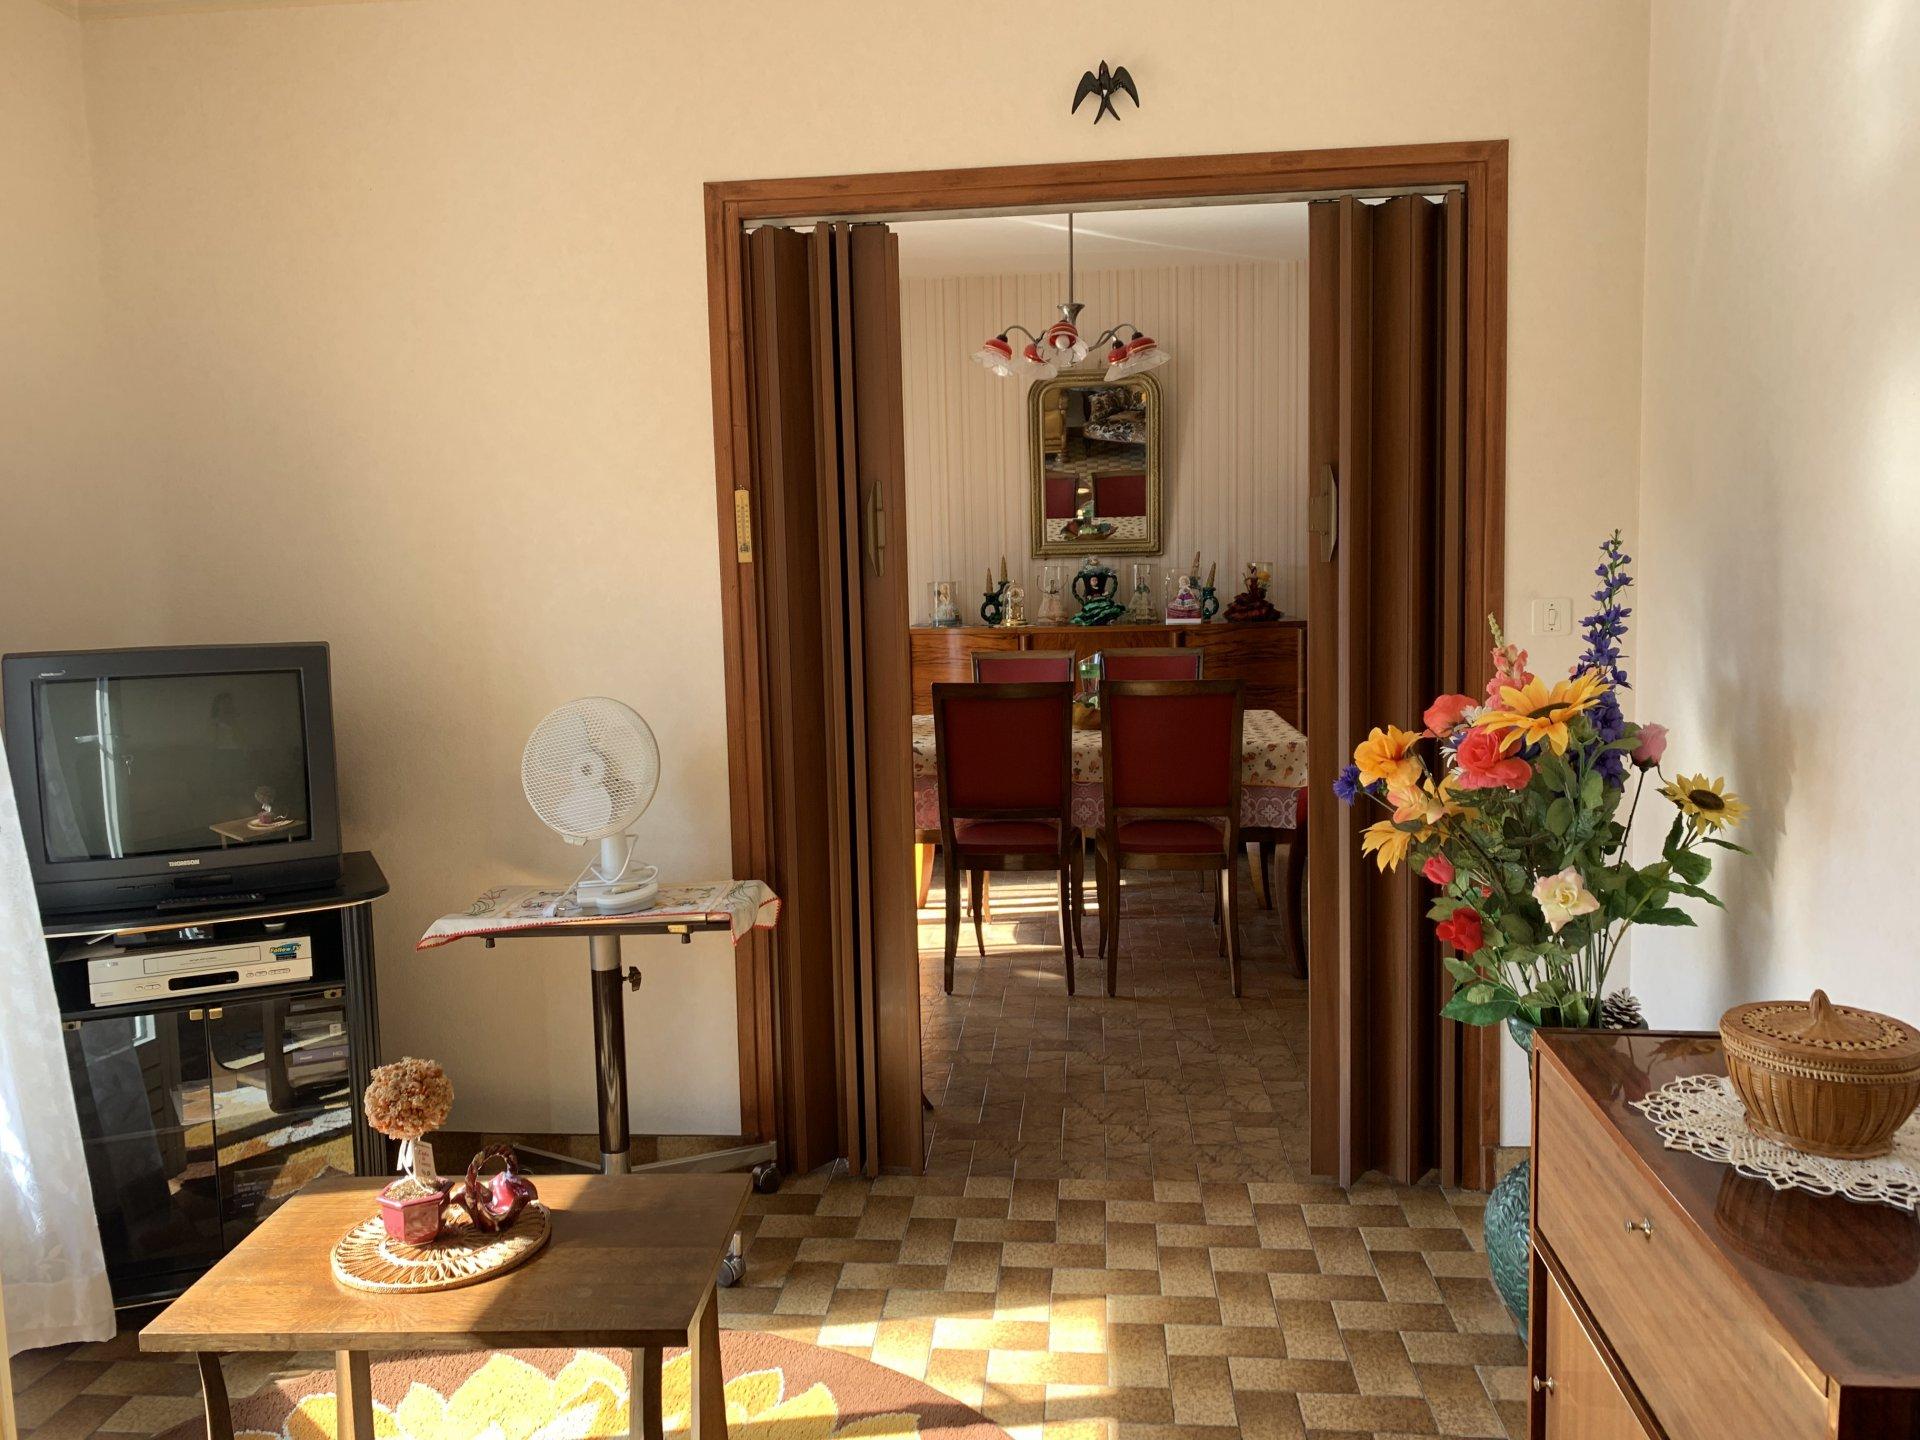 5666CSM - Maison - Bellerive sur Allier